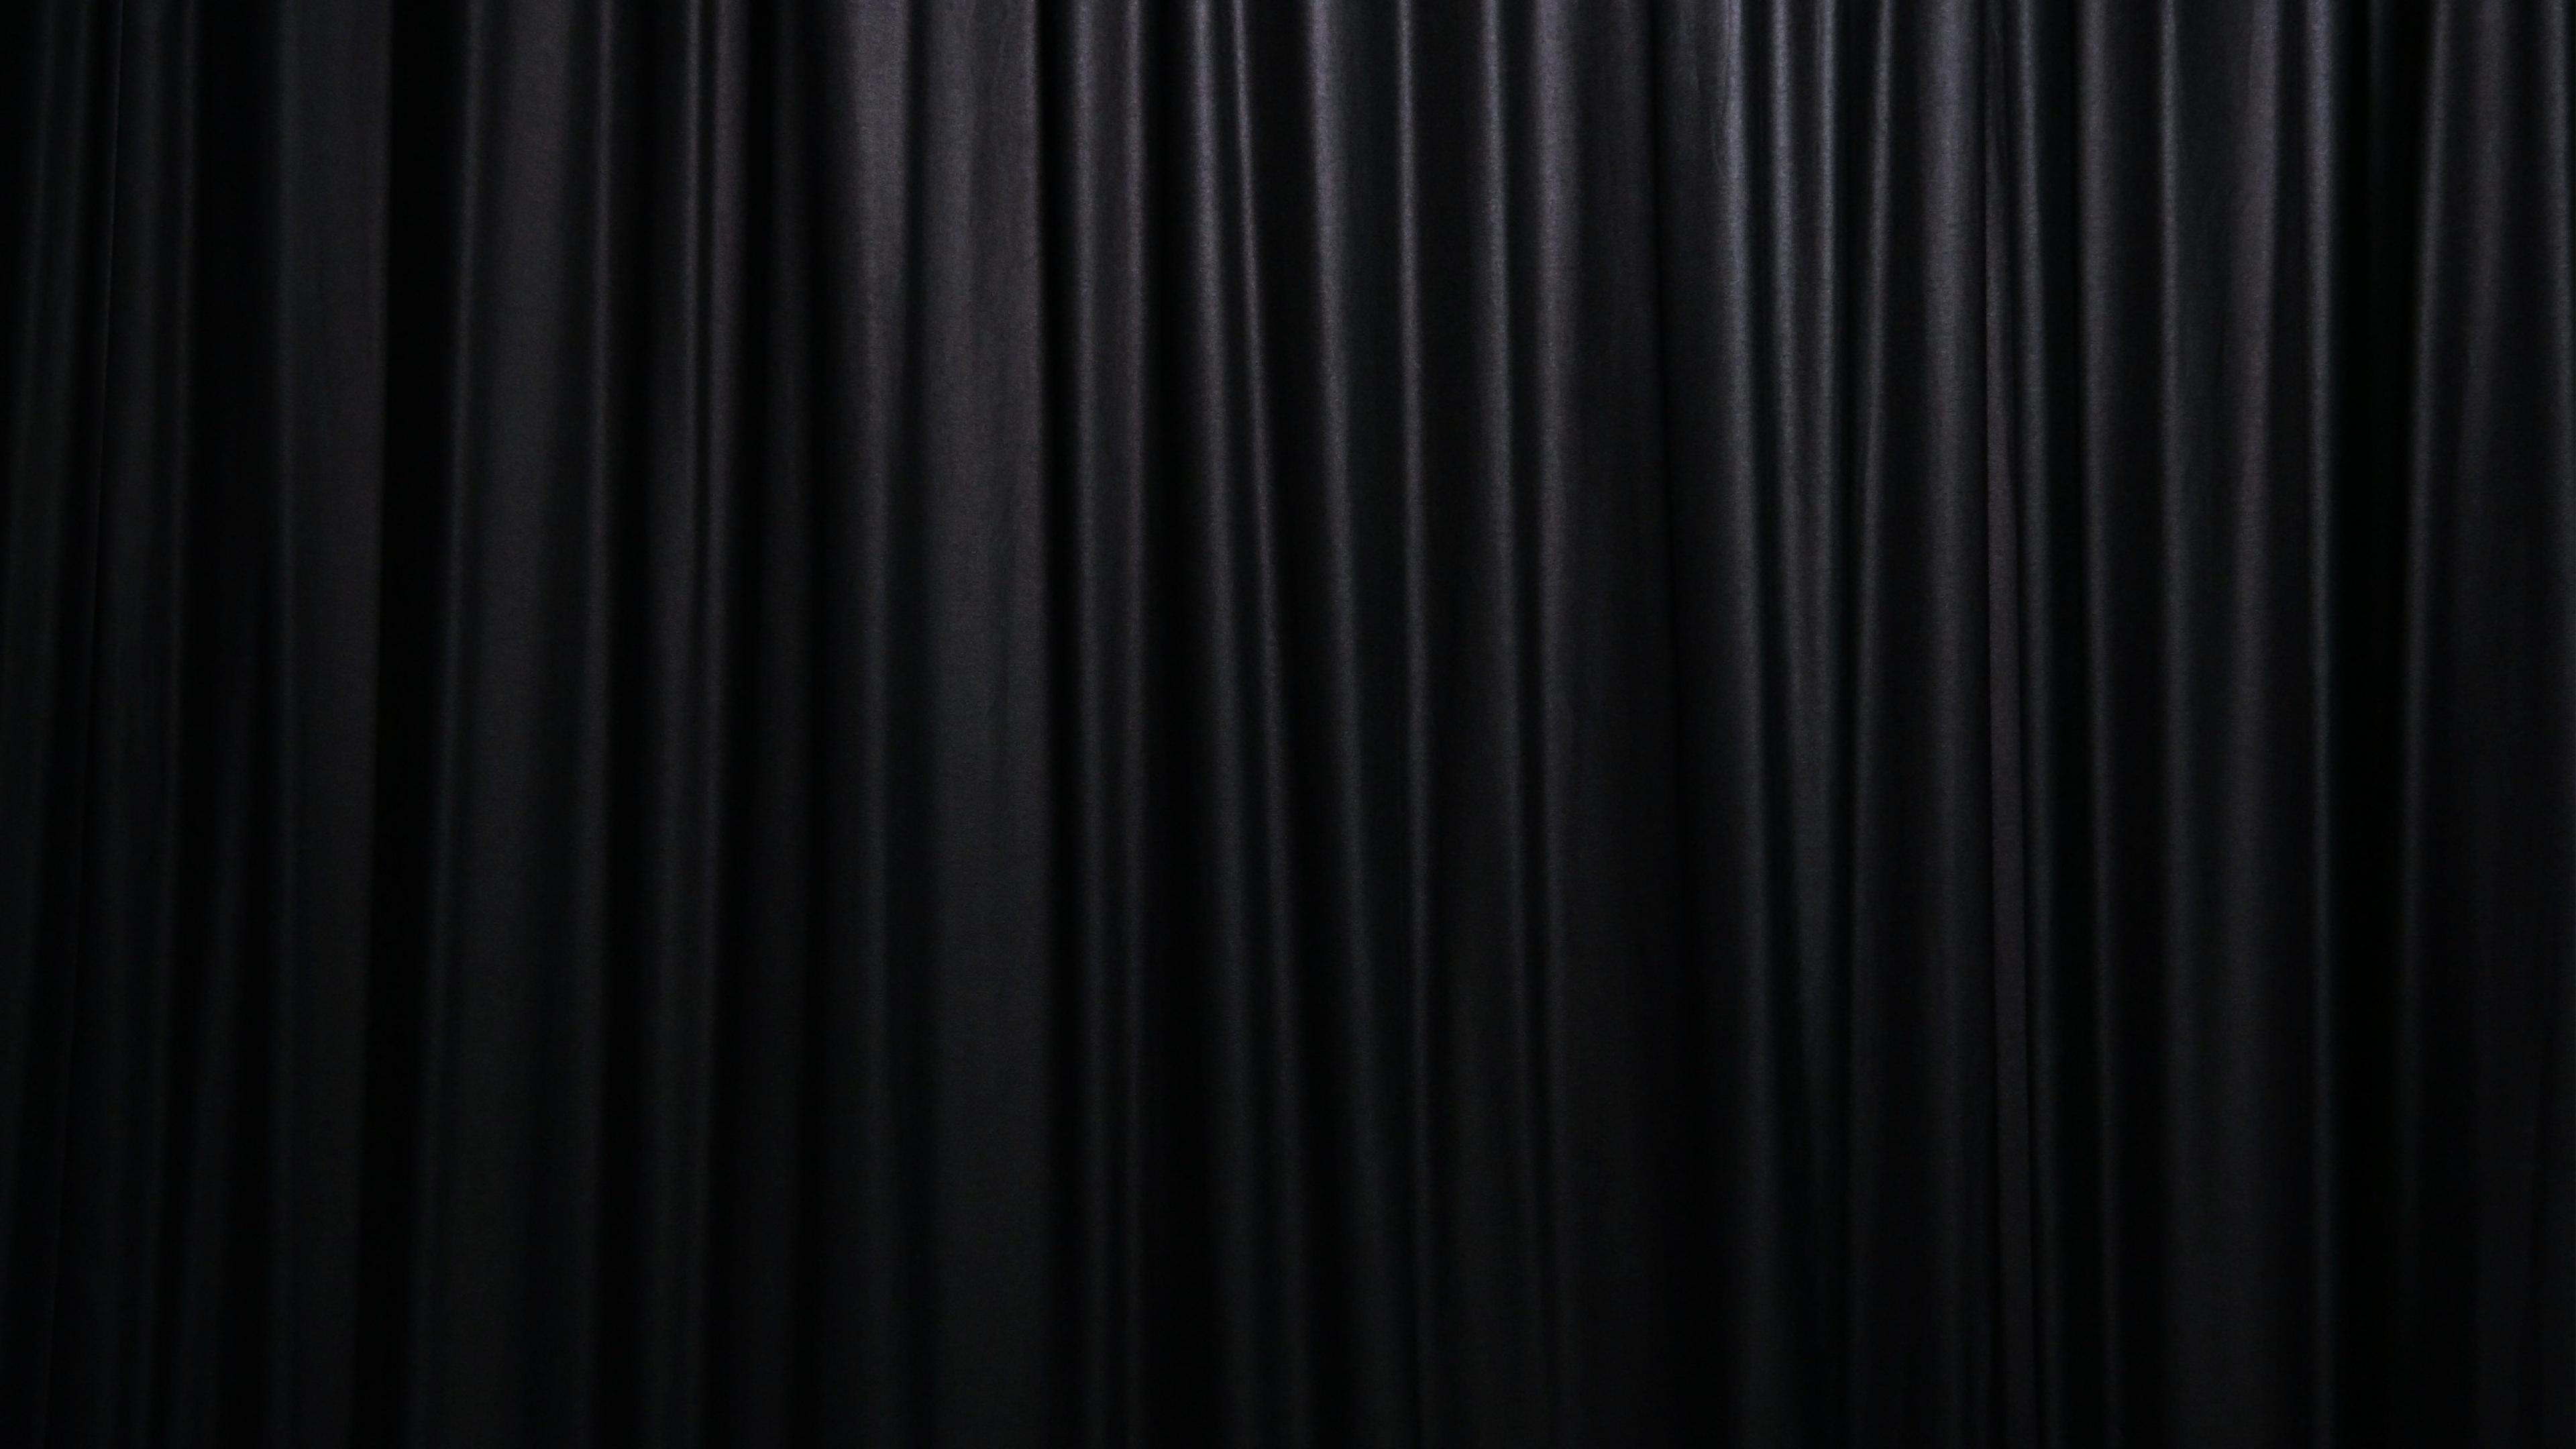 46 Black Wallpaper 4k On Wallpapersafari